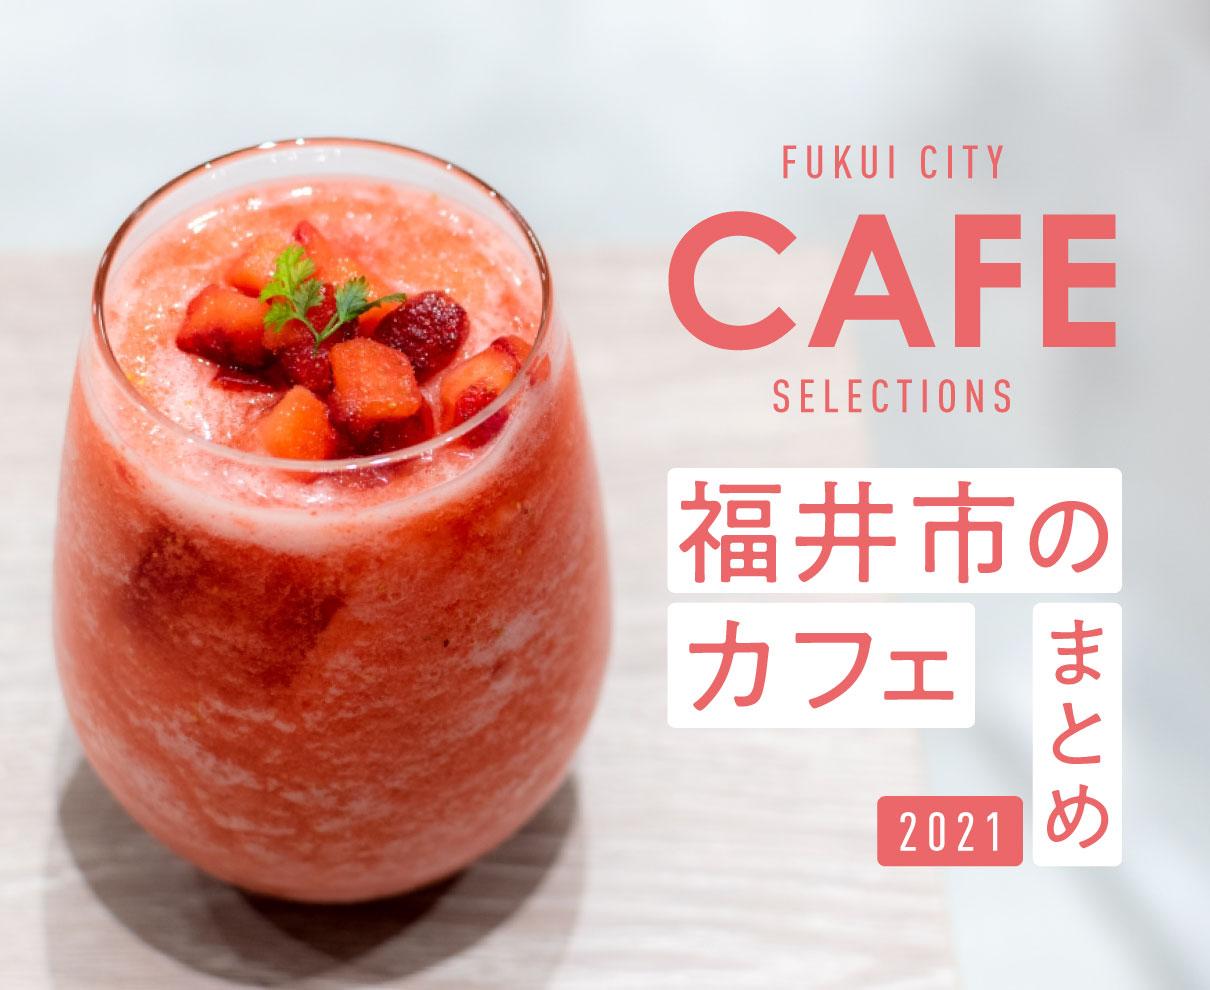 福井市カフェまとめ2021